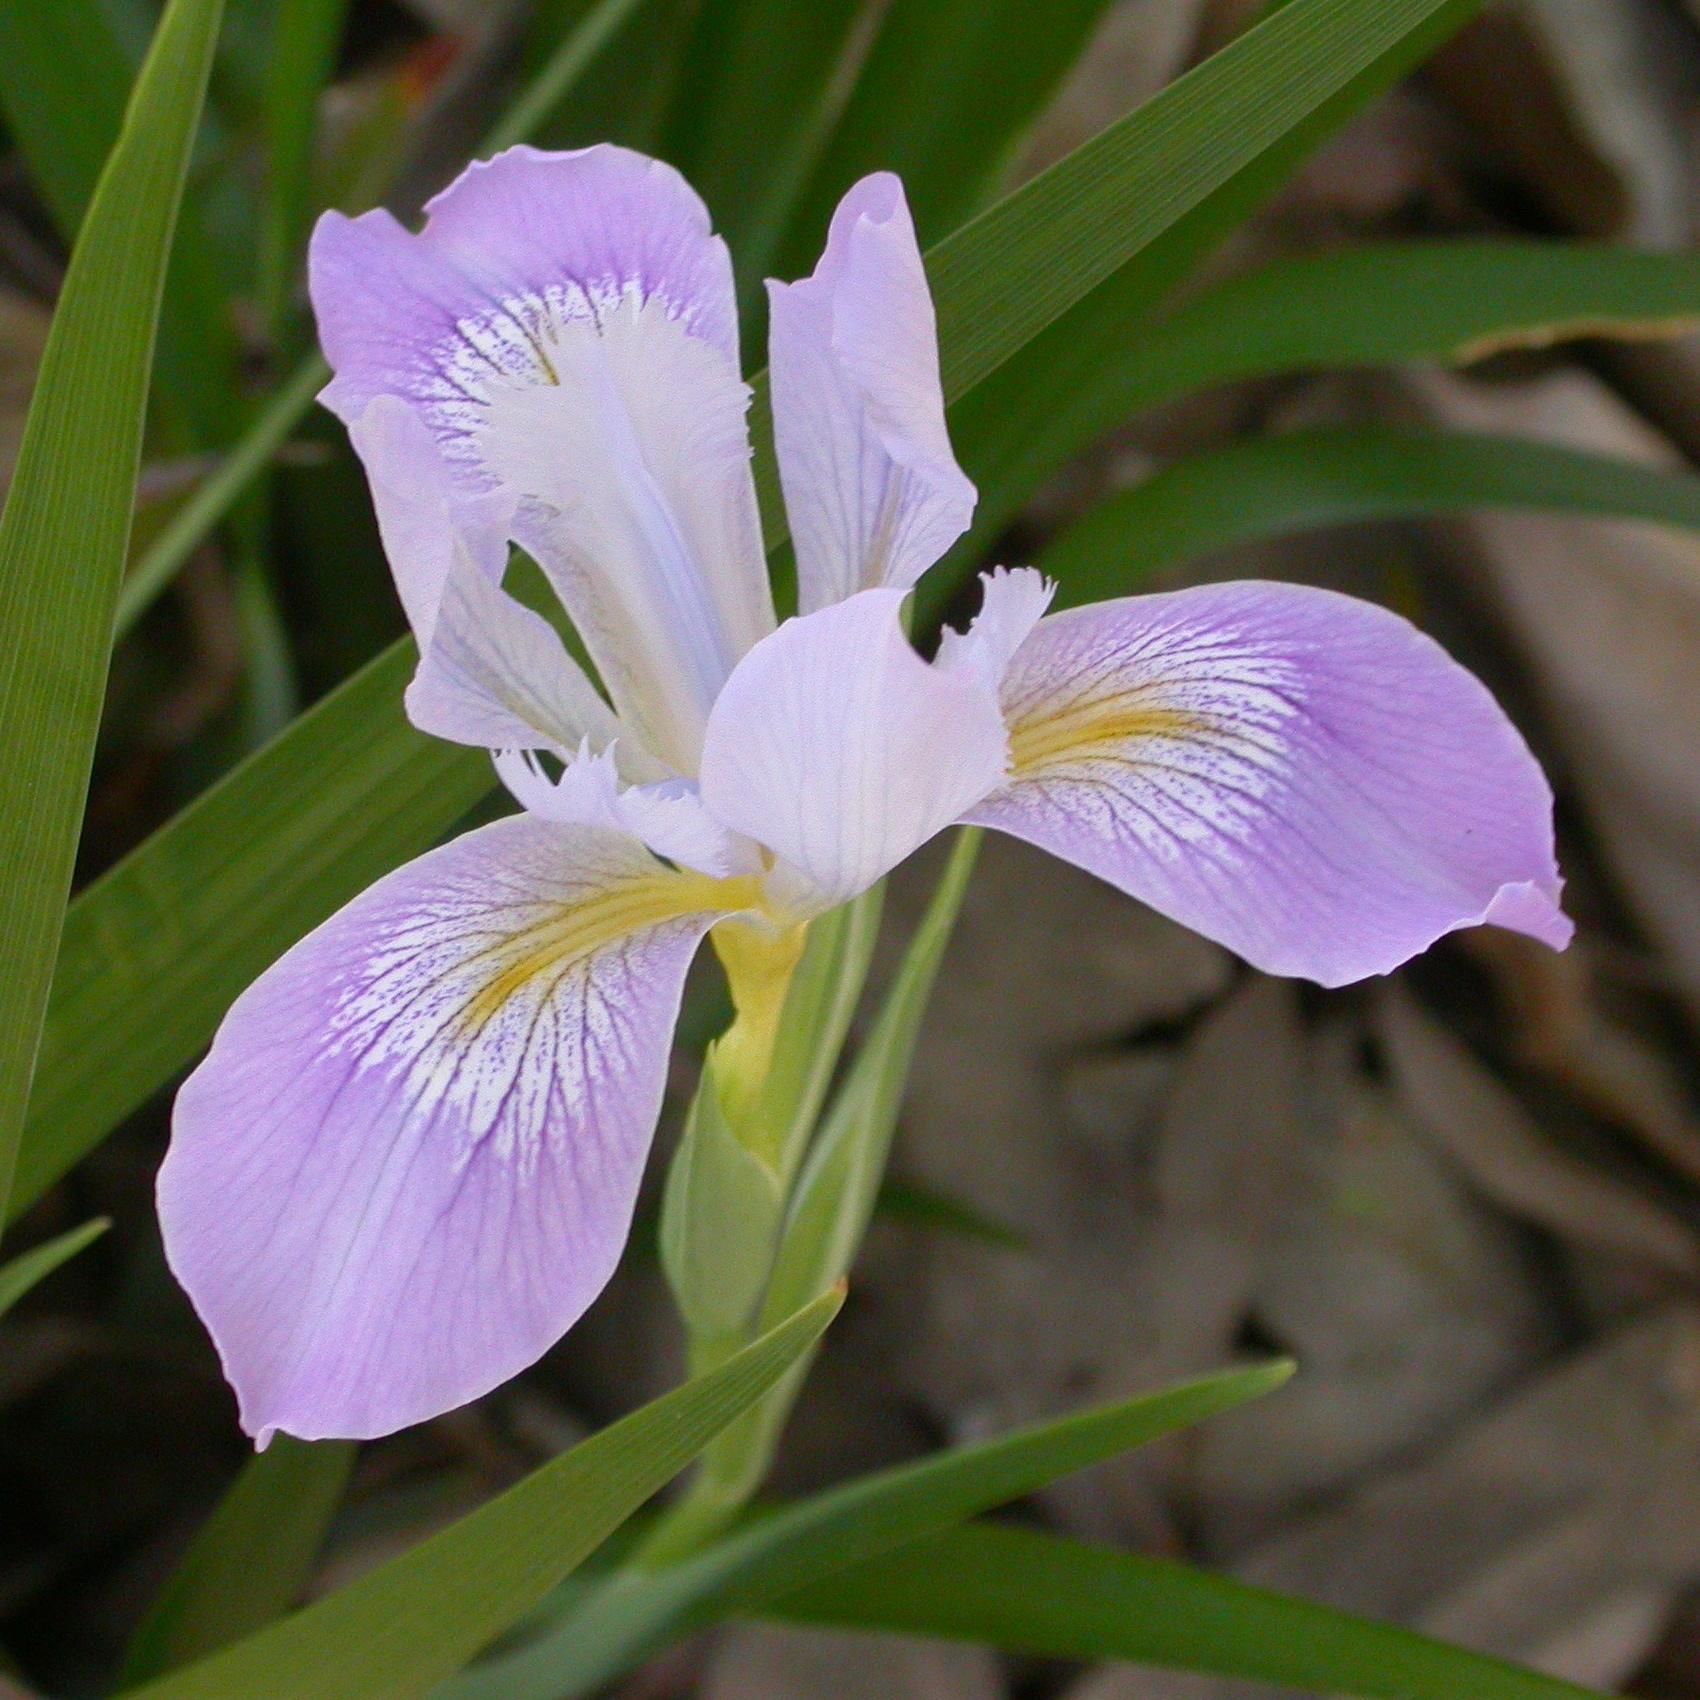 Fileiris douglasiana flower 2003 03 17g wikimedia commons fileiris douglasiana flower 2003 03 17g size of this izmirmasajfo